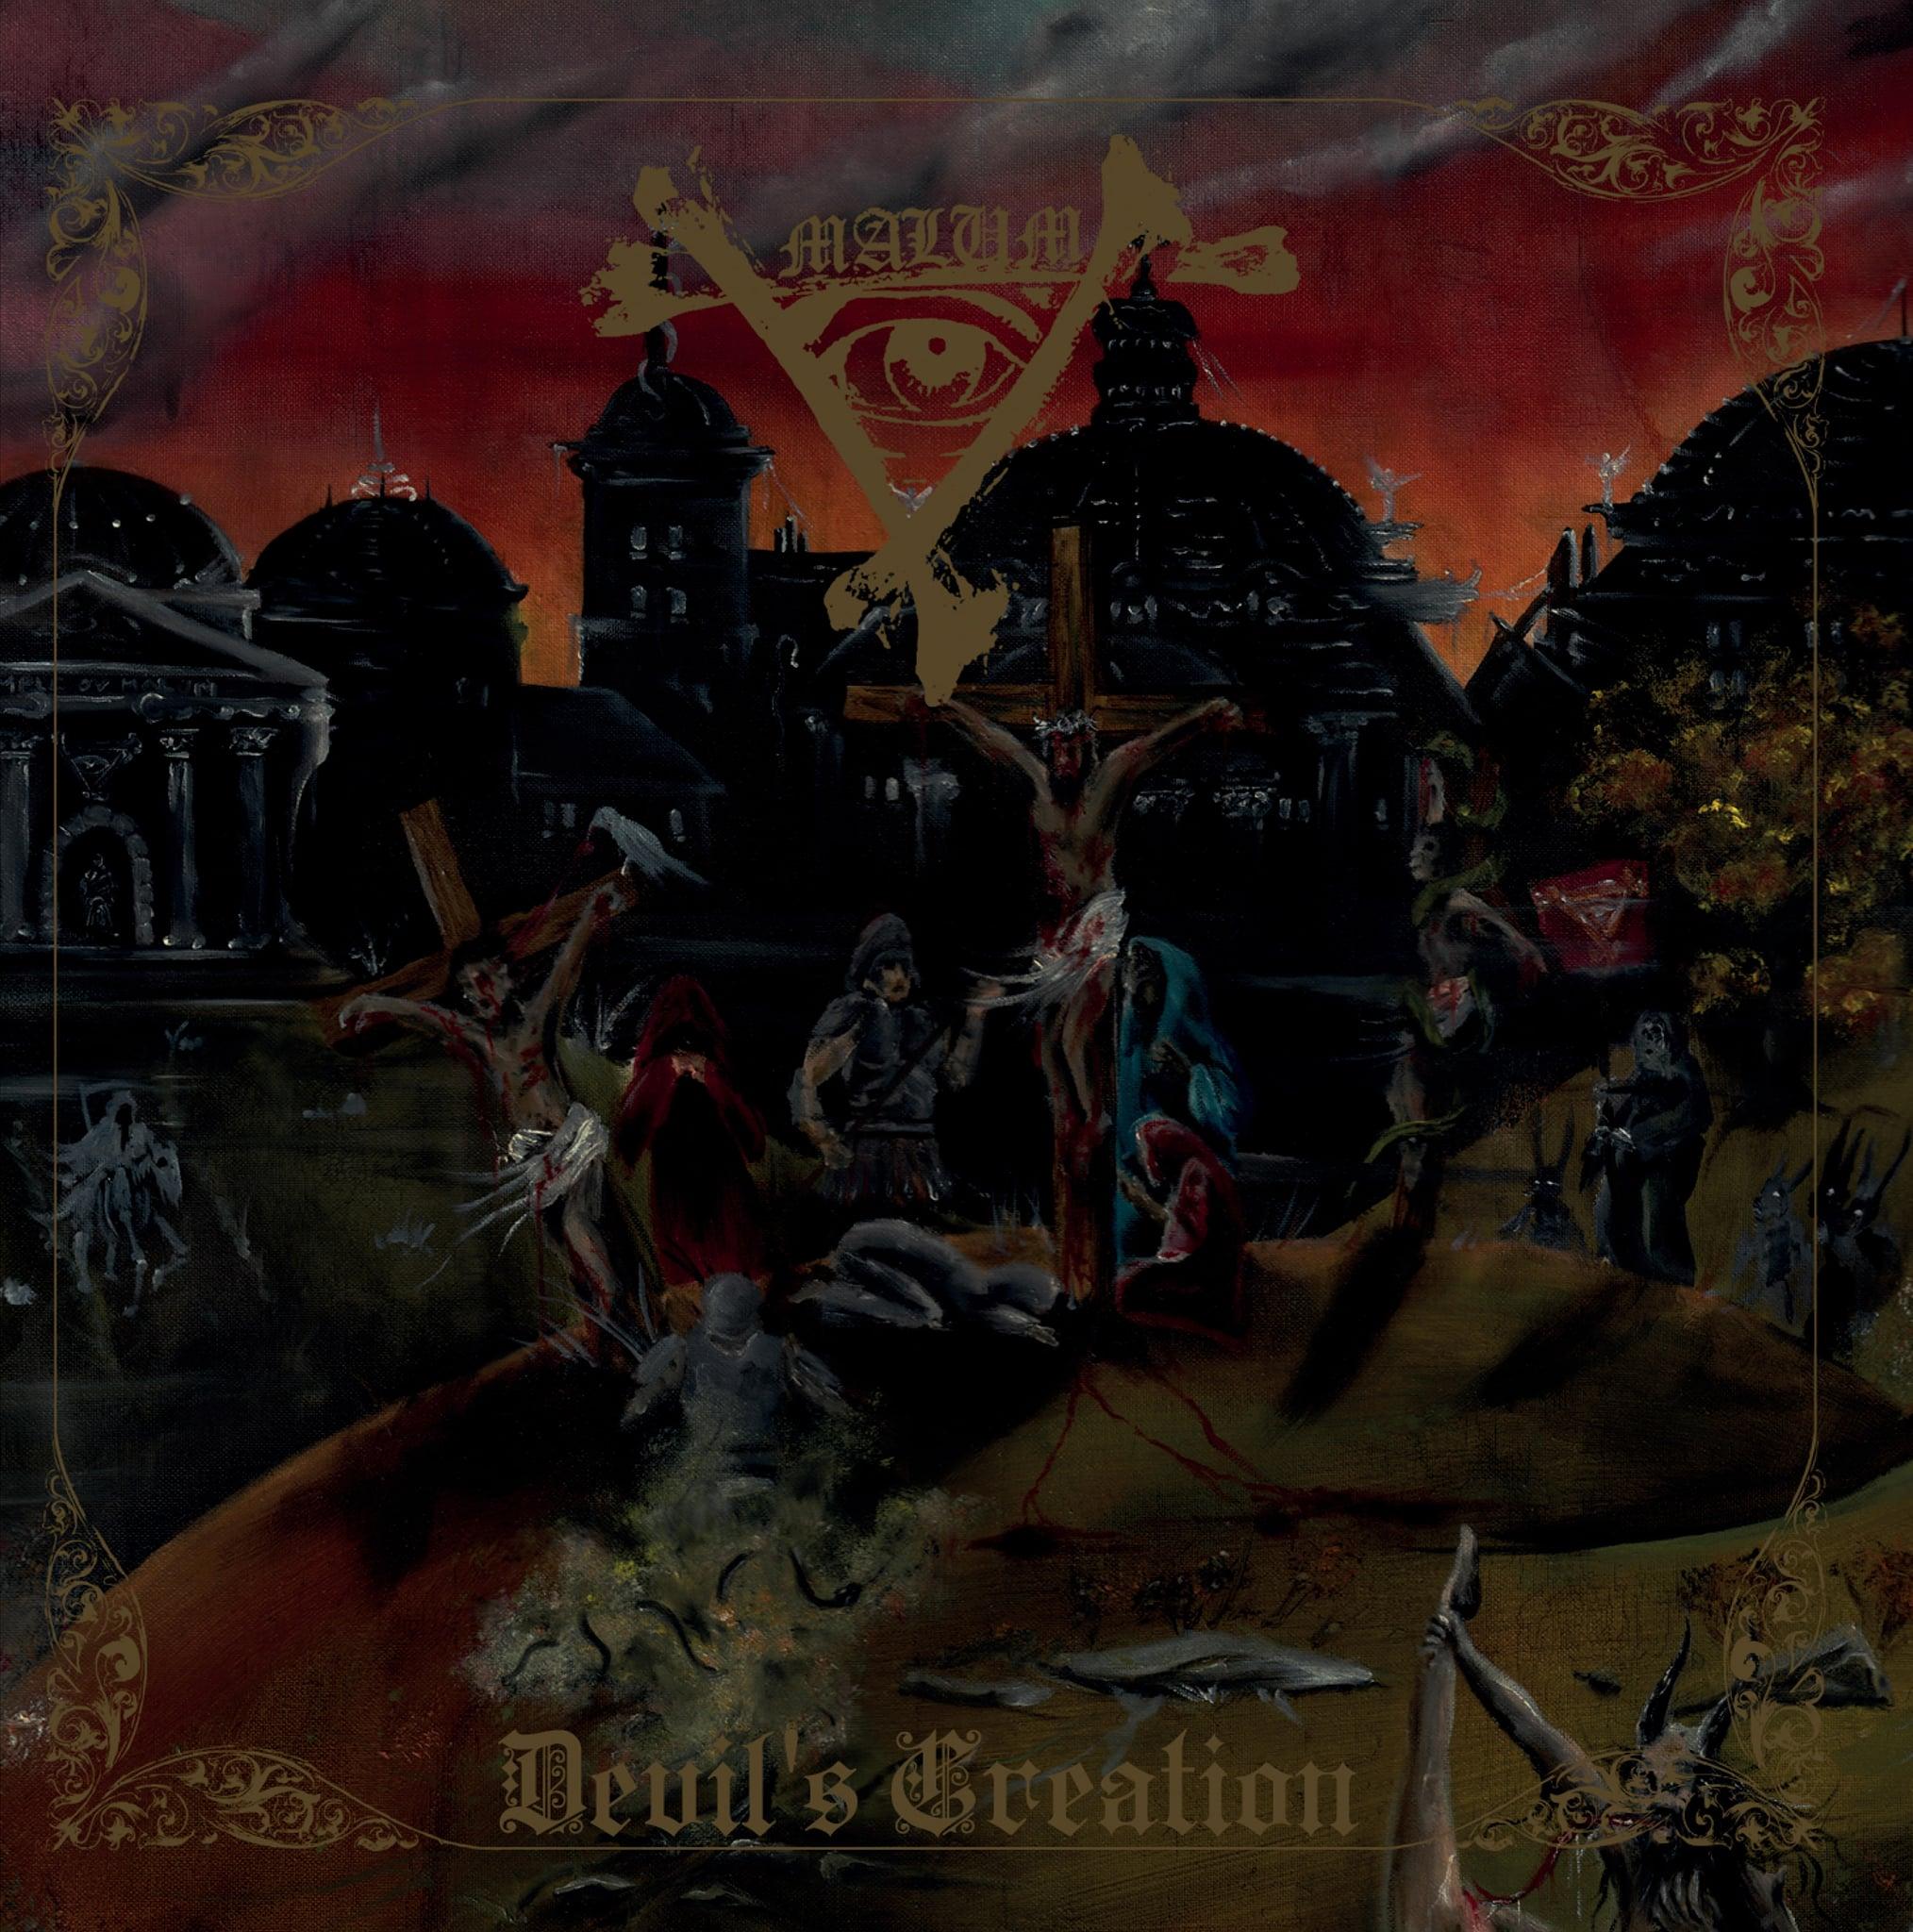 Malum Devil s Creation Album Cover Artwork